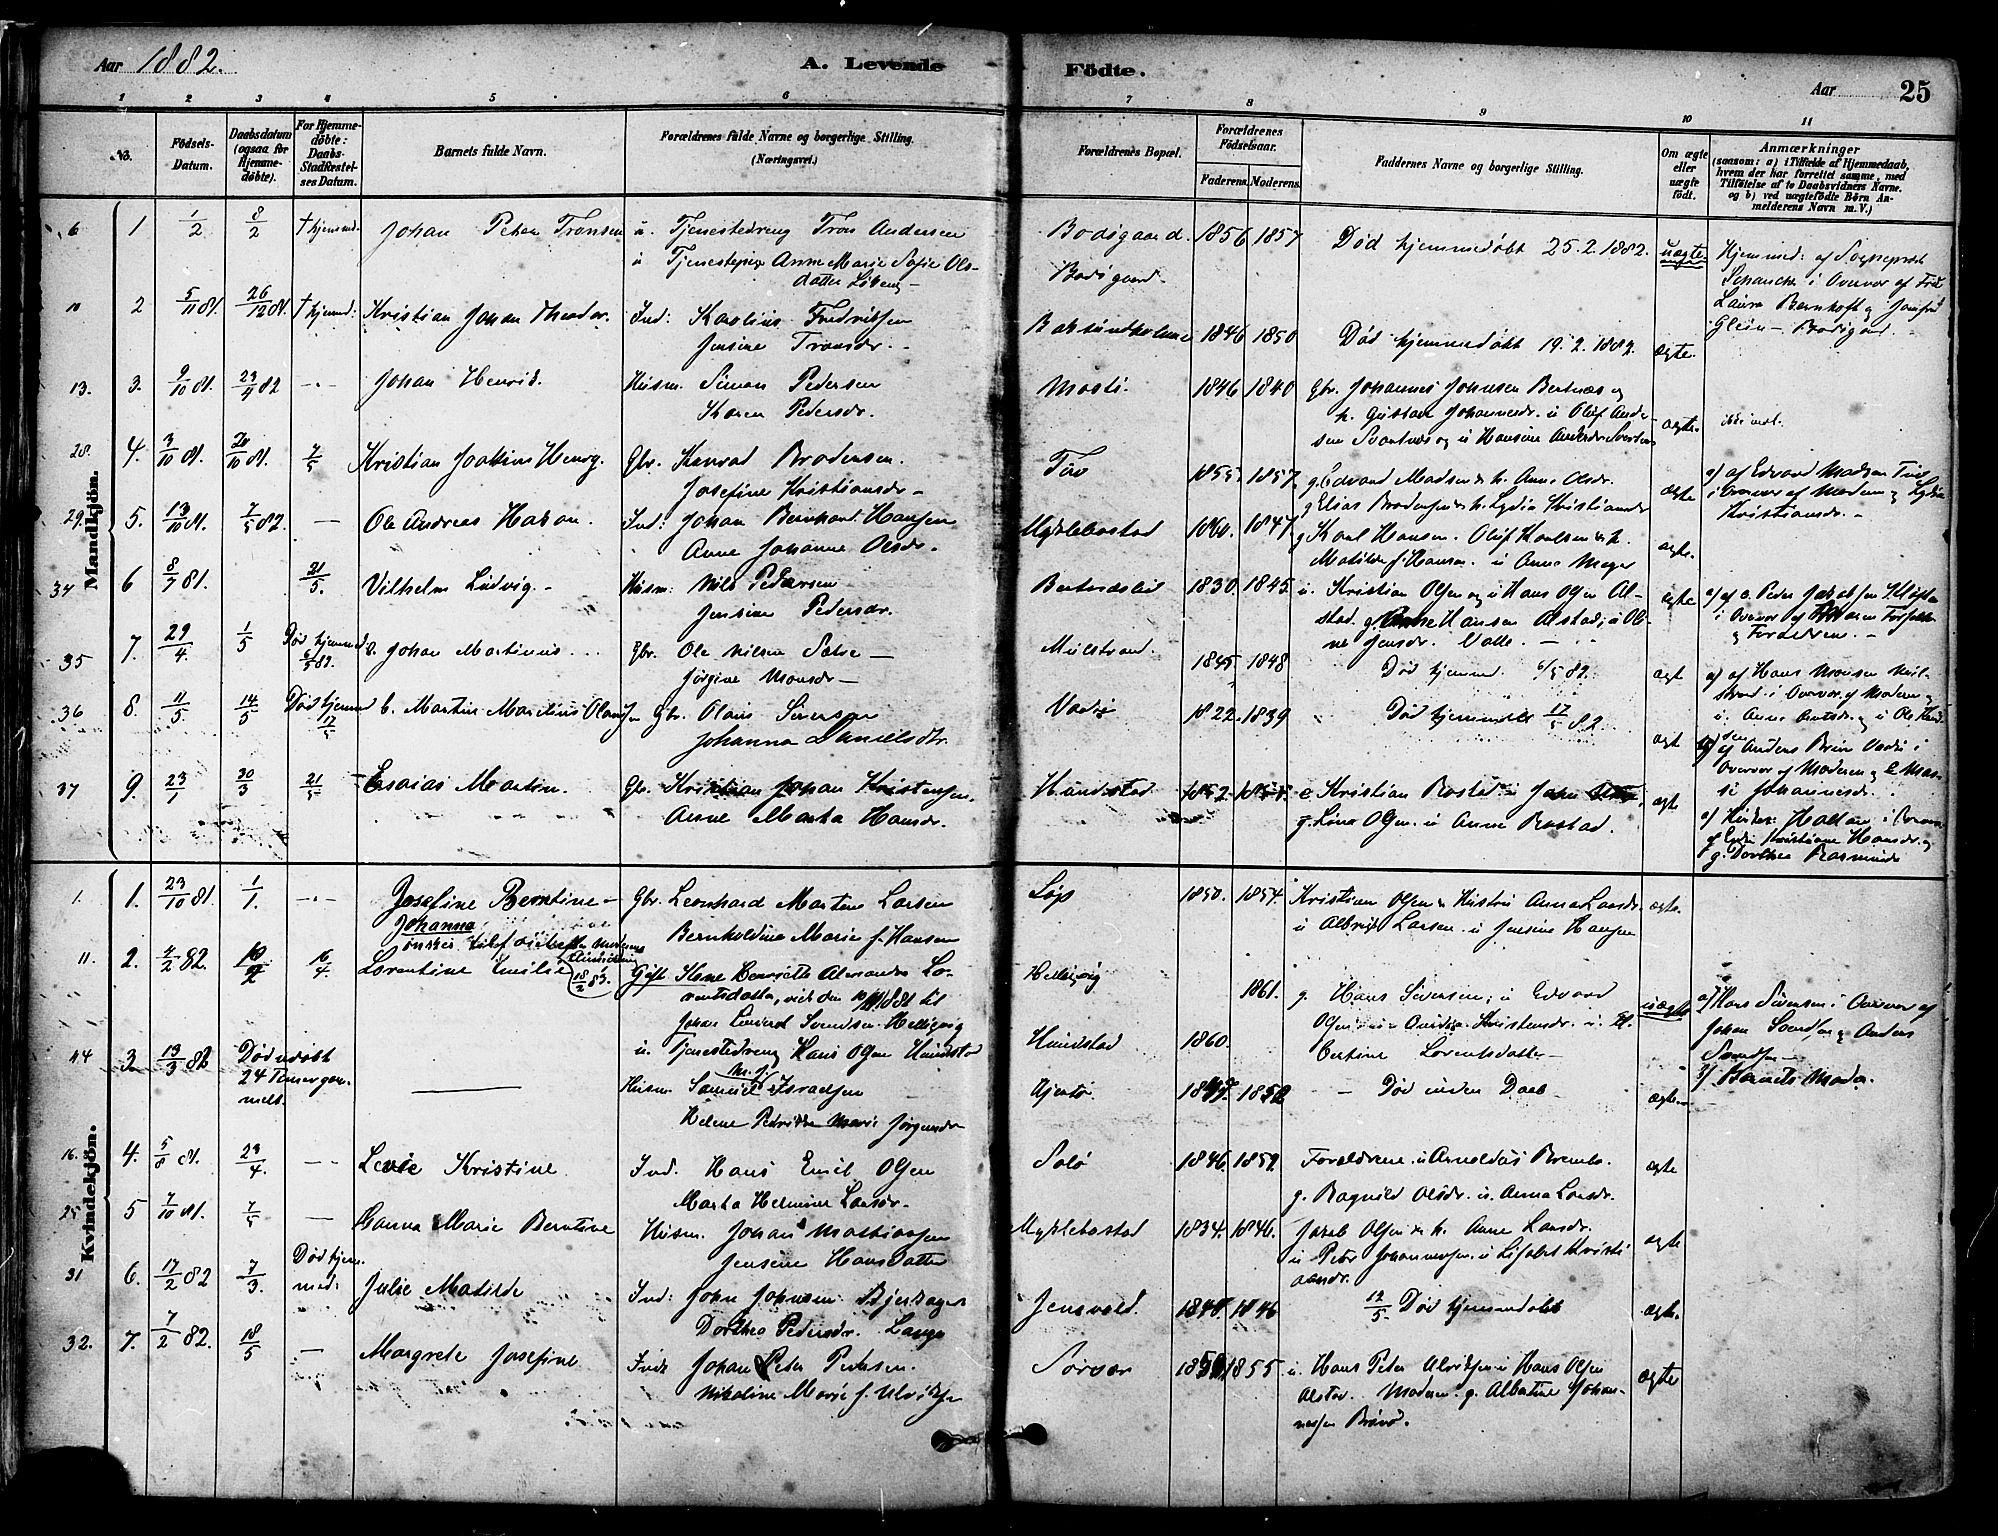 SAT, Ministerialprotokoller, klokkerbøker og fødselsregistre - Nordland, 802/L0054: Parish register (official) no. 802A01, 1879-1893, p. 25